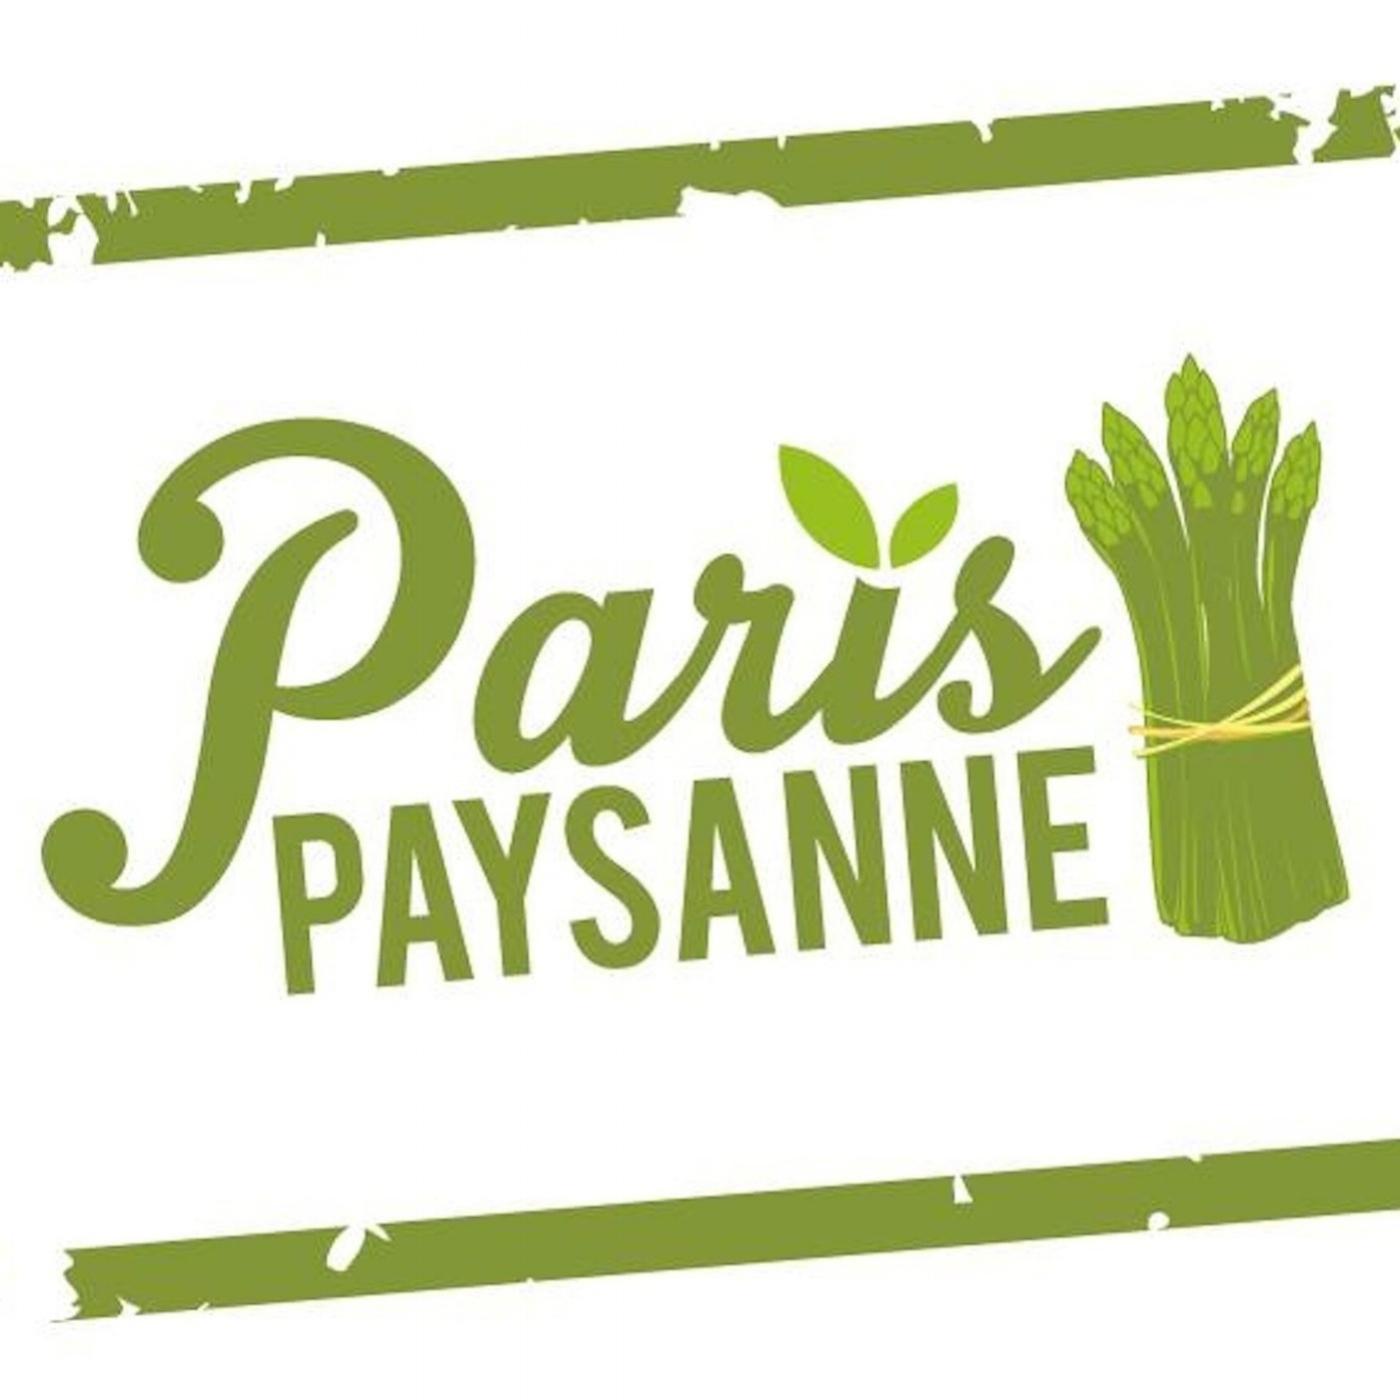 Paris Paysanne Podcast - Paris Paysanne